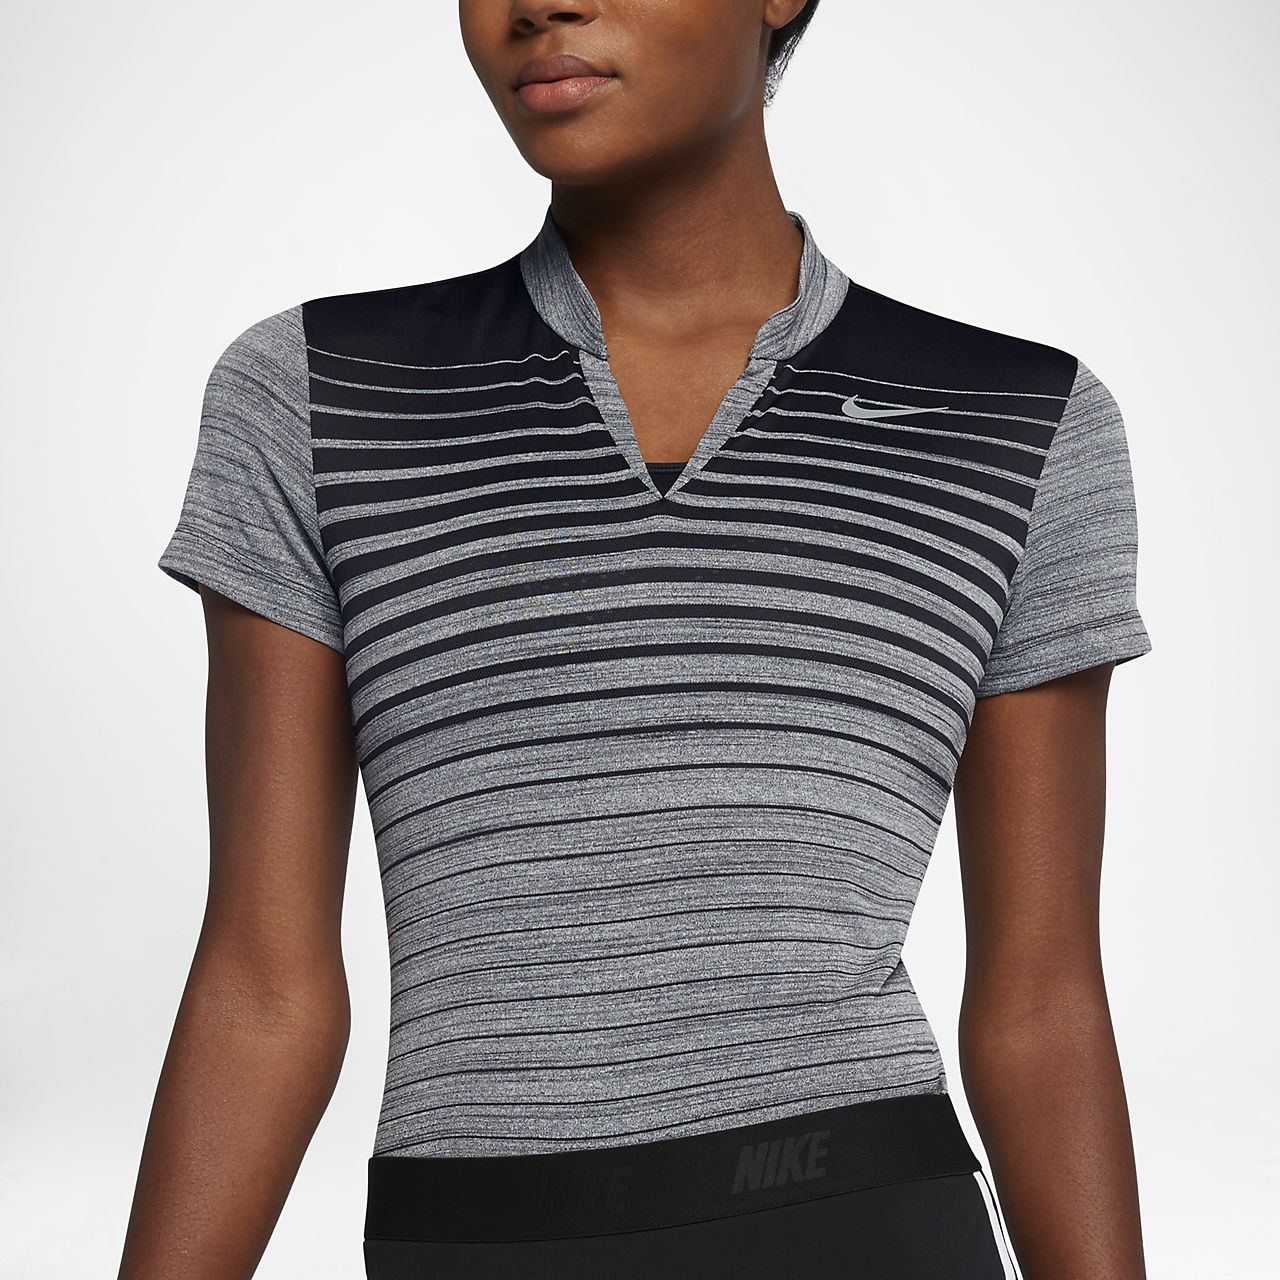 ... Nike Zonal Cooling Women's Golf Polo